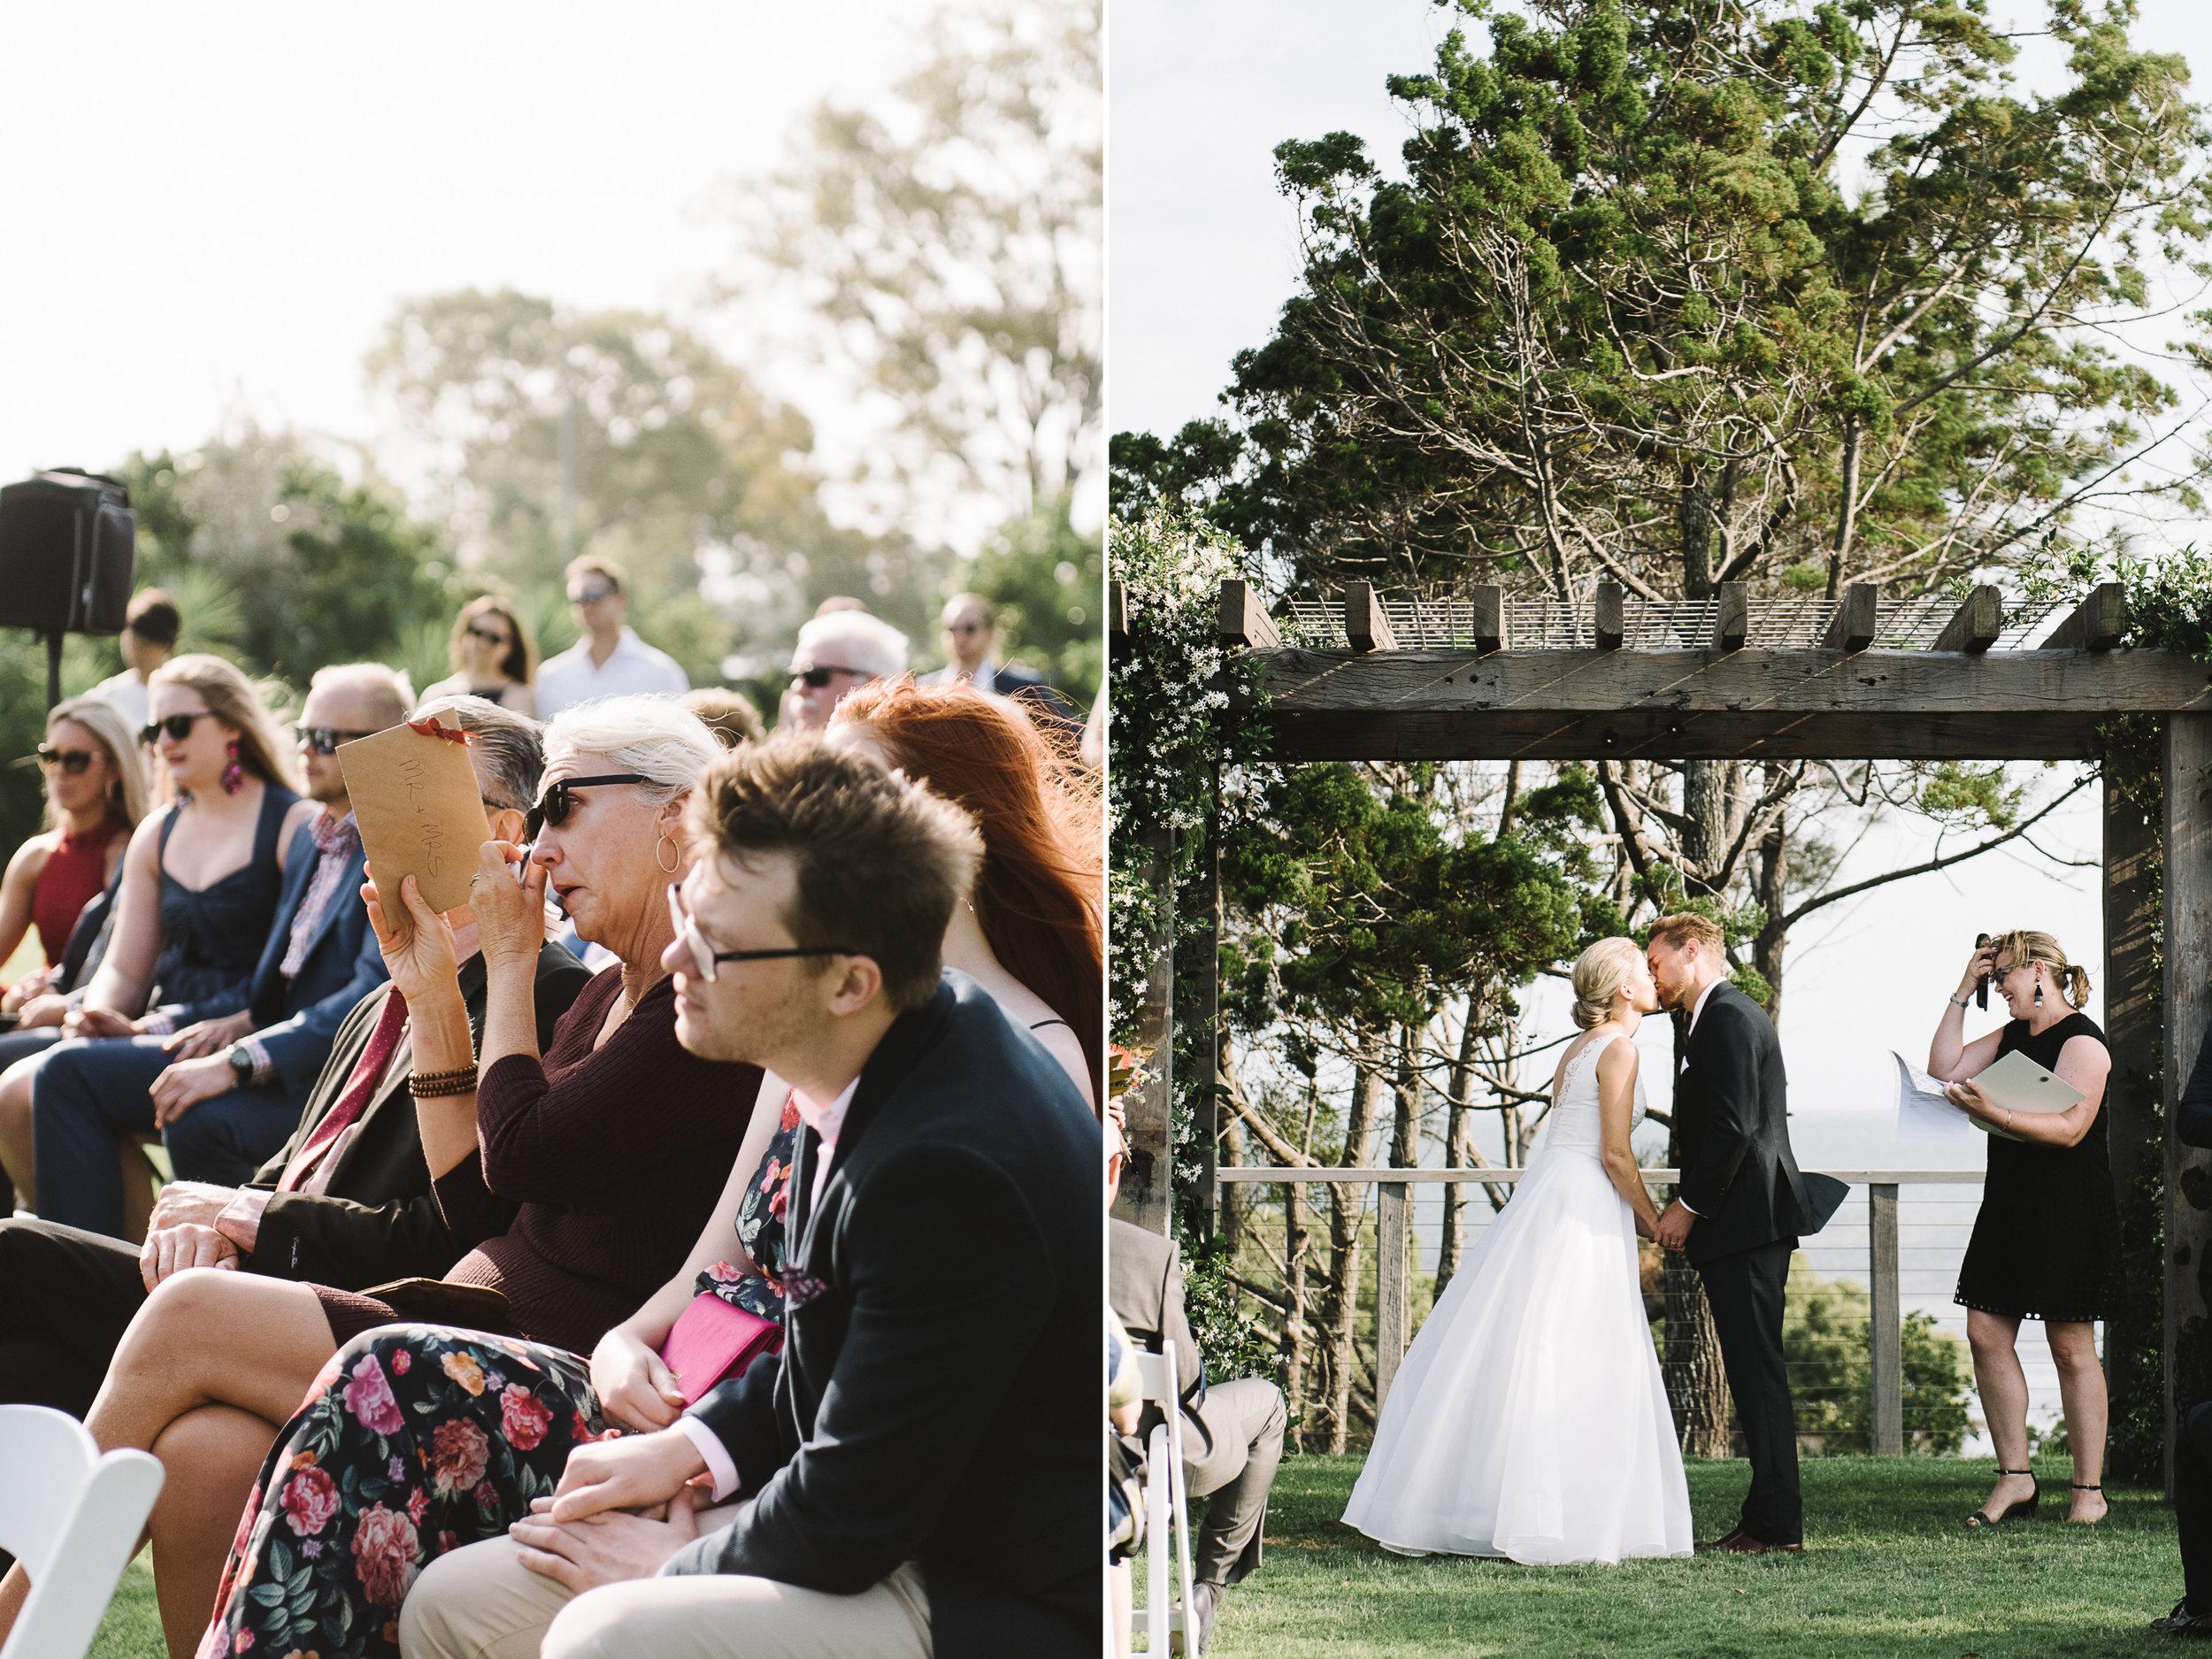 wedding-photography-brisbane-sandstone-point-hotel-bribie-island-17.jpg